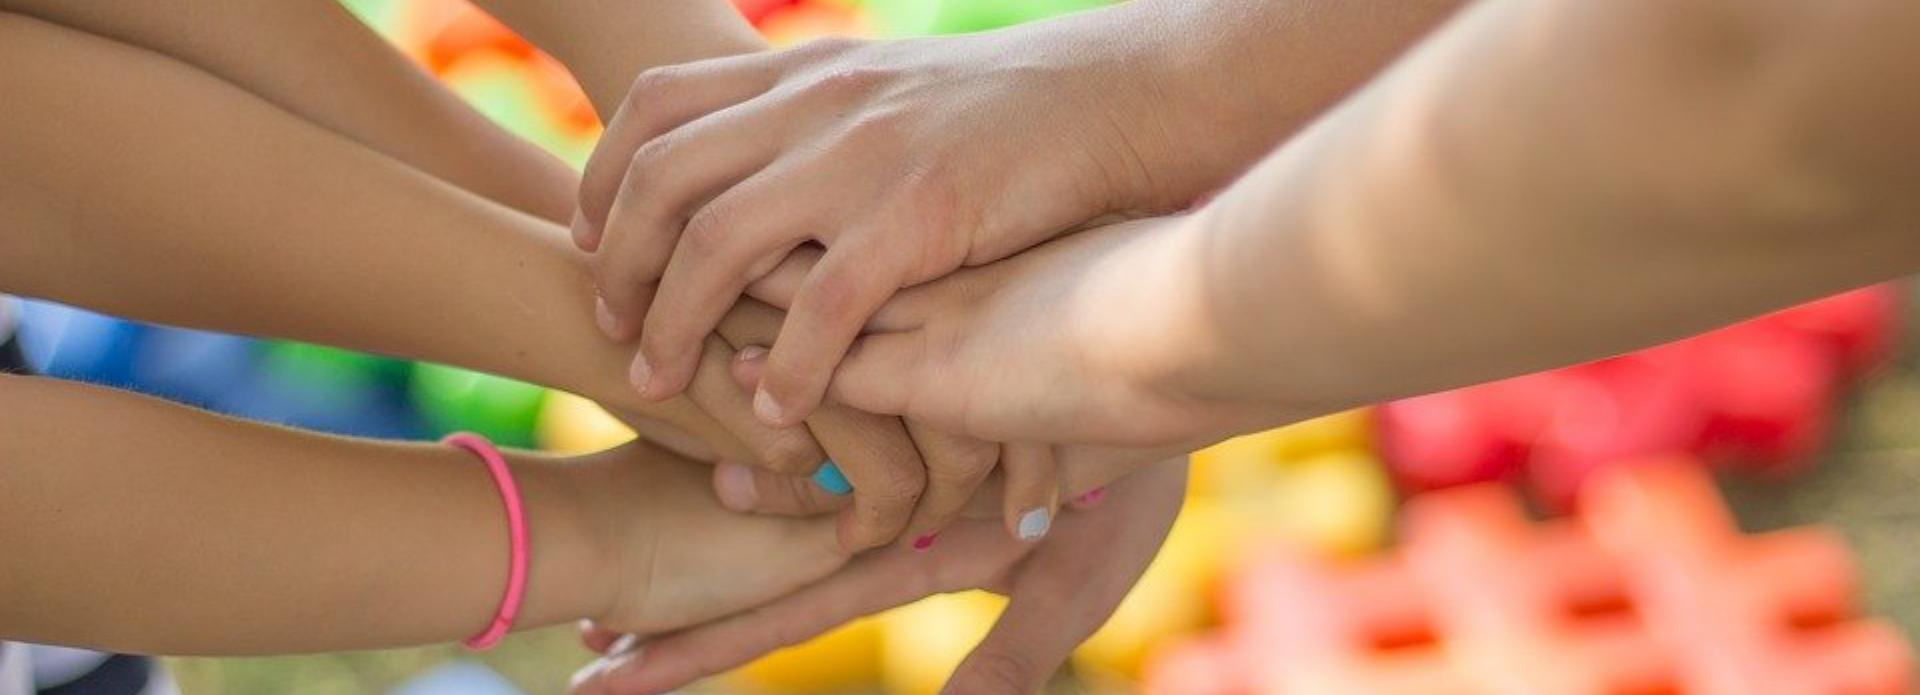 Hände halten zusammen